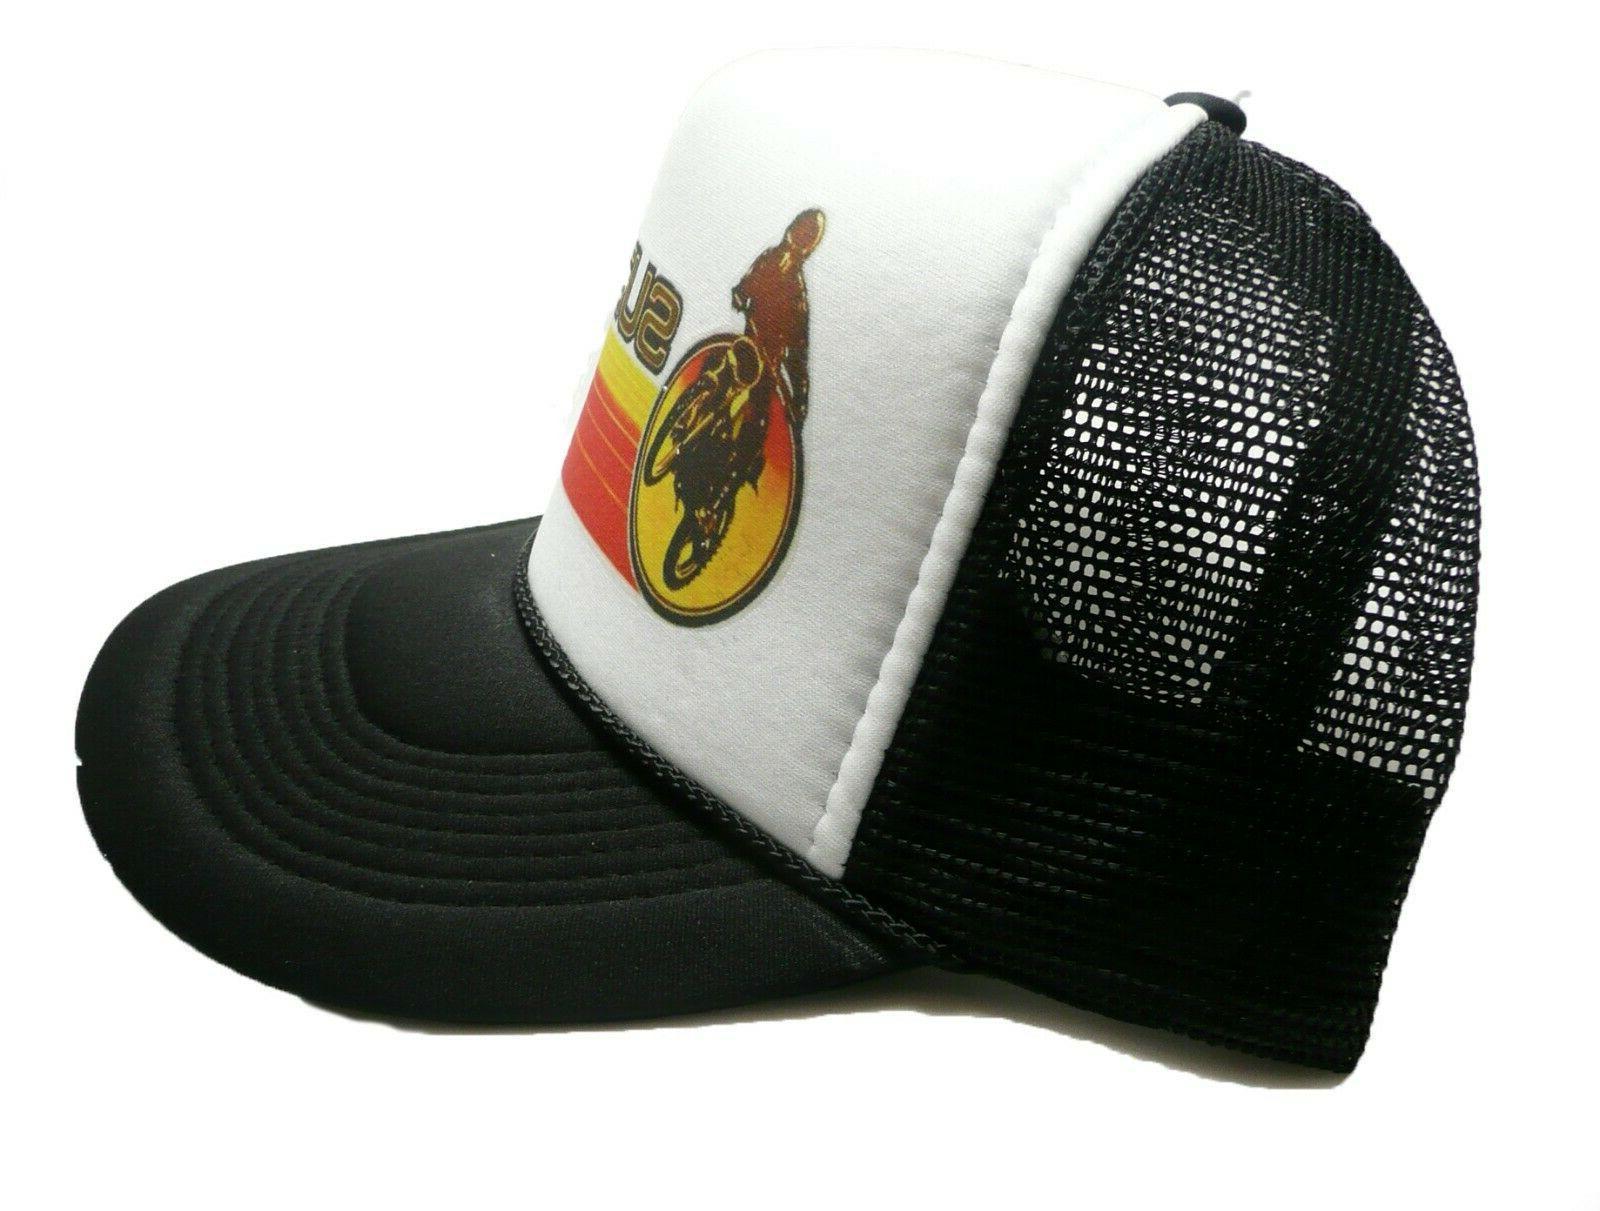 Suzuki hat snap hat black racing hat new